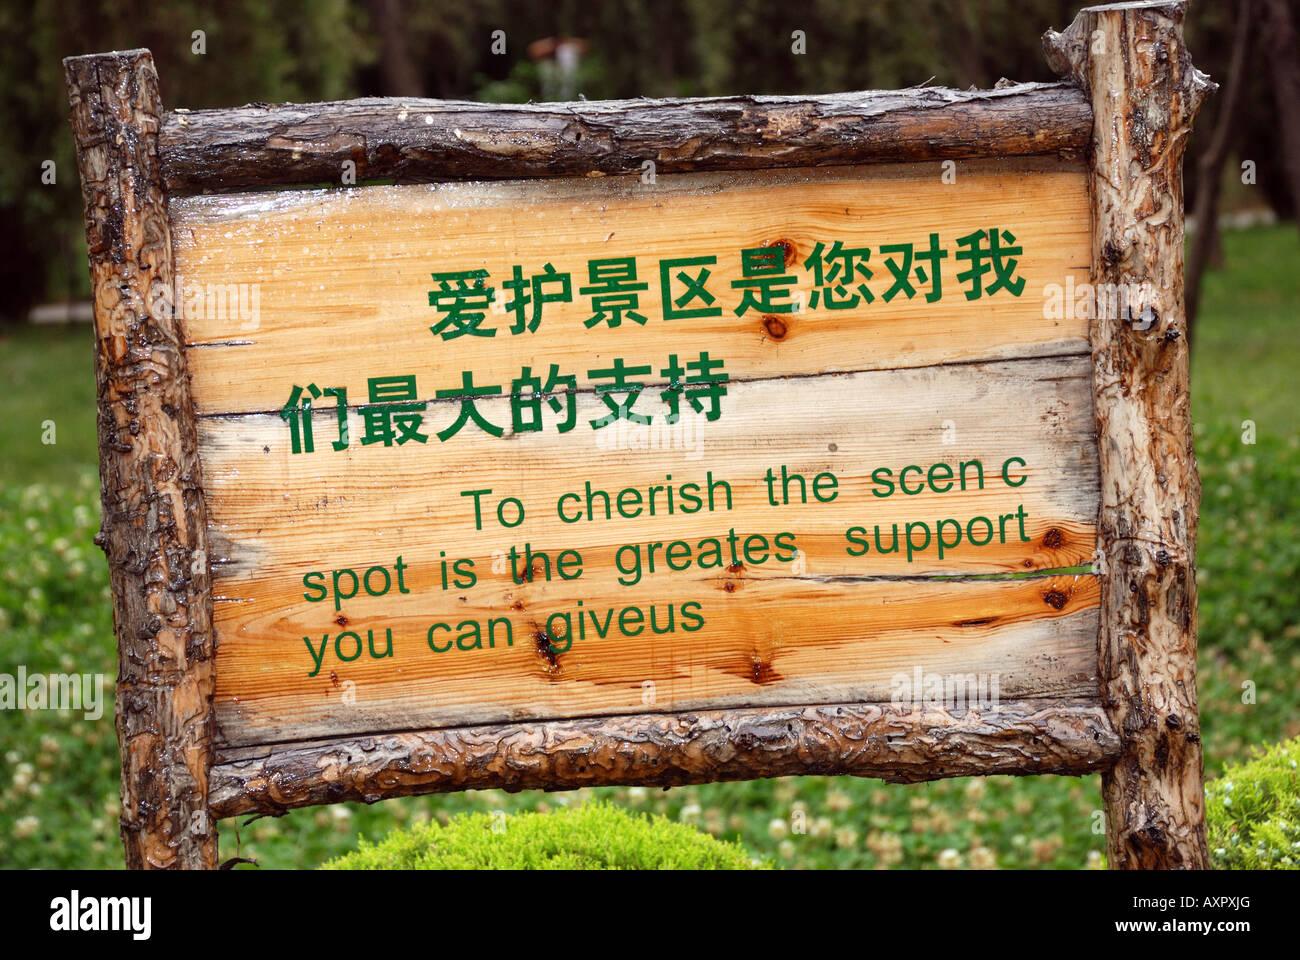 Funny panneau disant à chérir la scen c spot est la plus grande assistance vous pouvez giveus Songyang Photo Stock